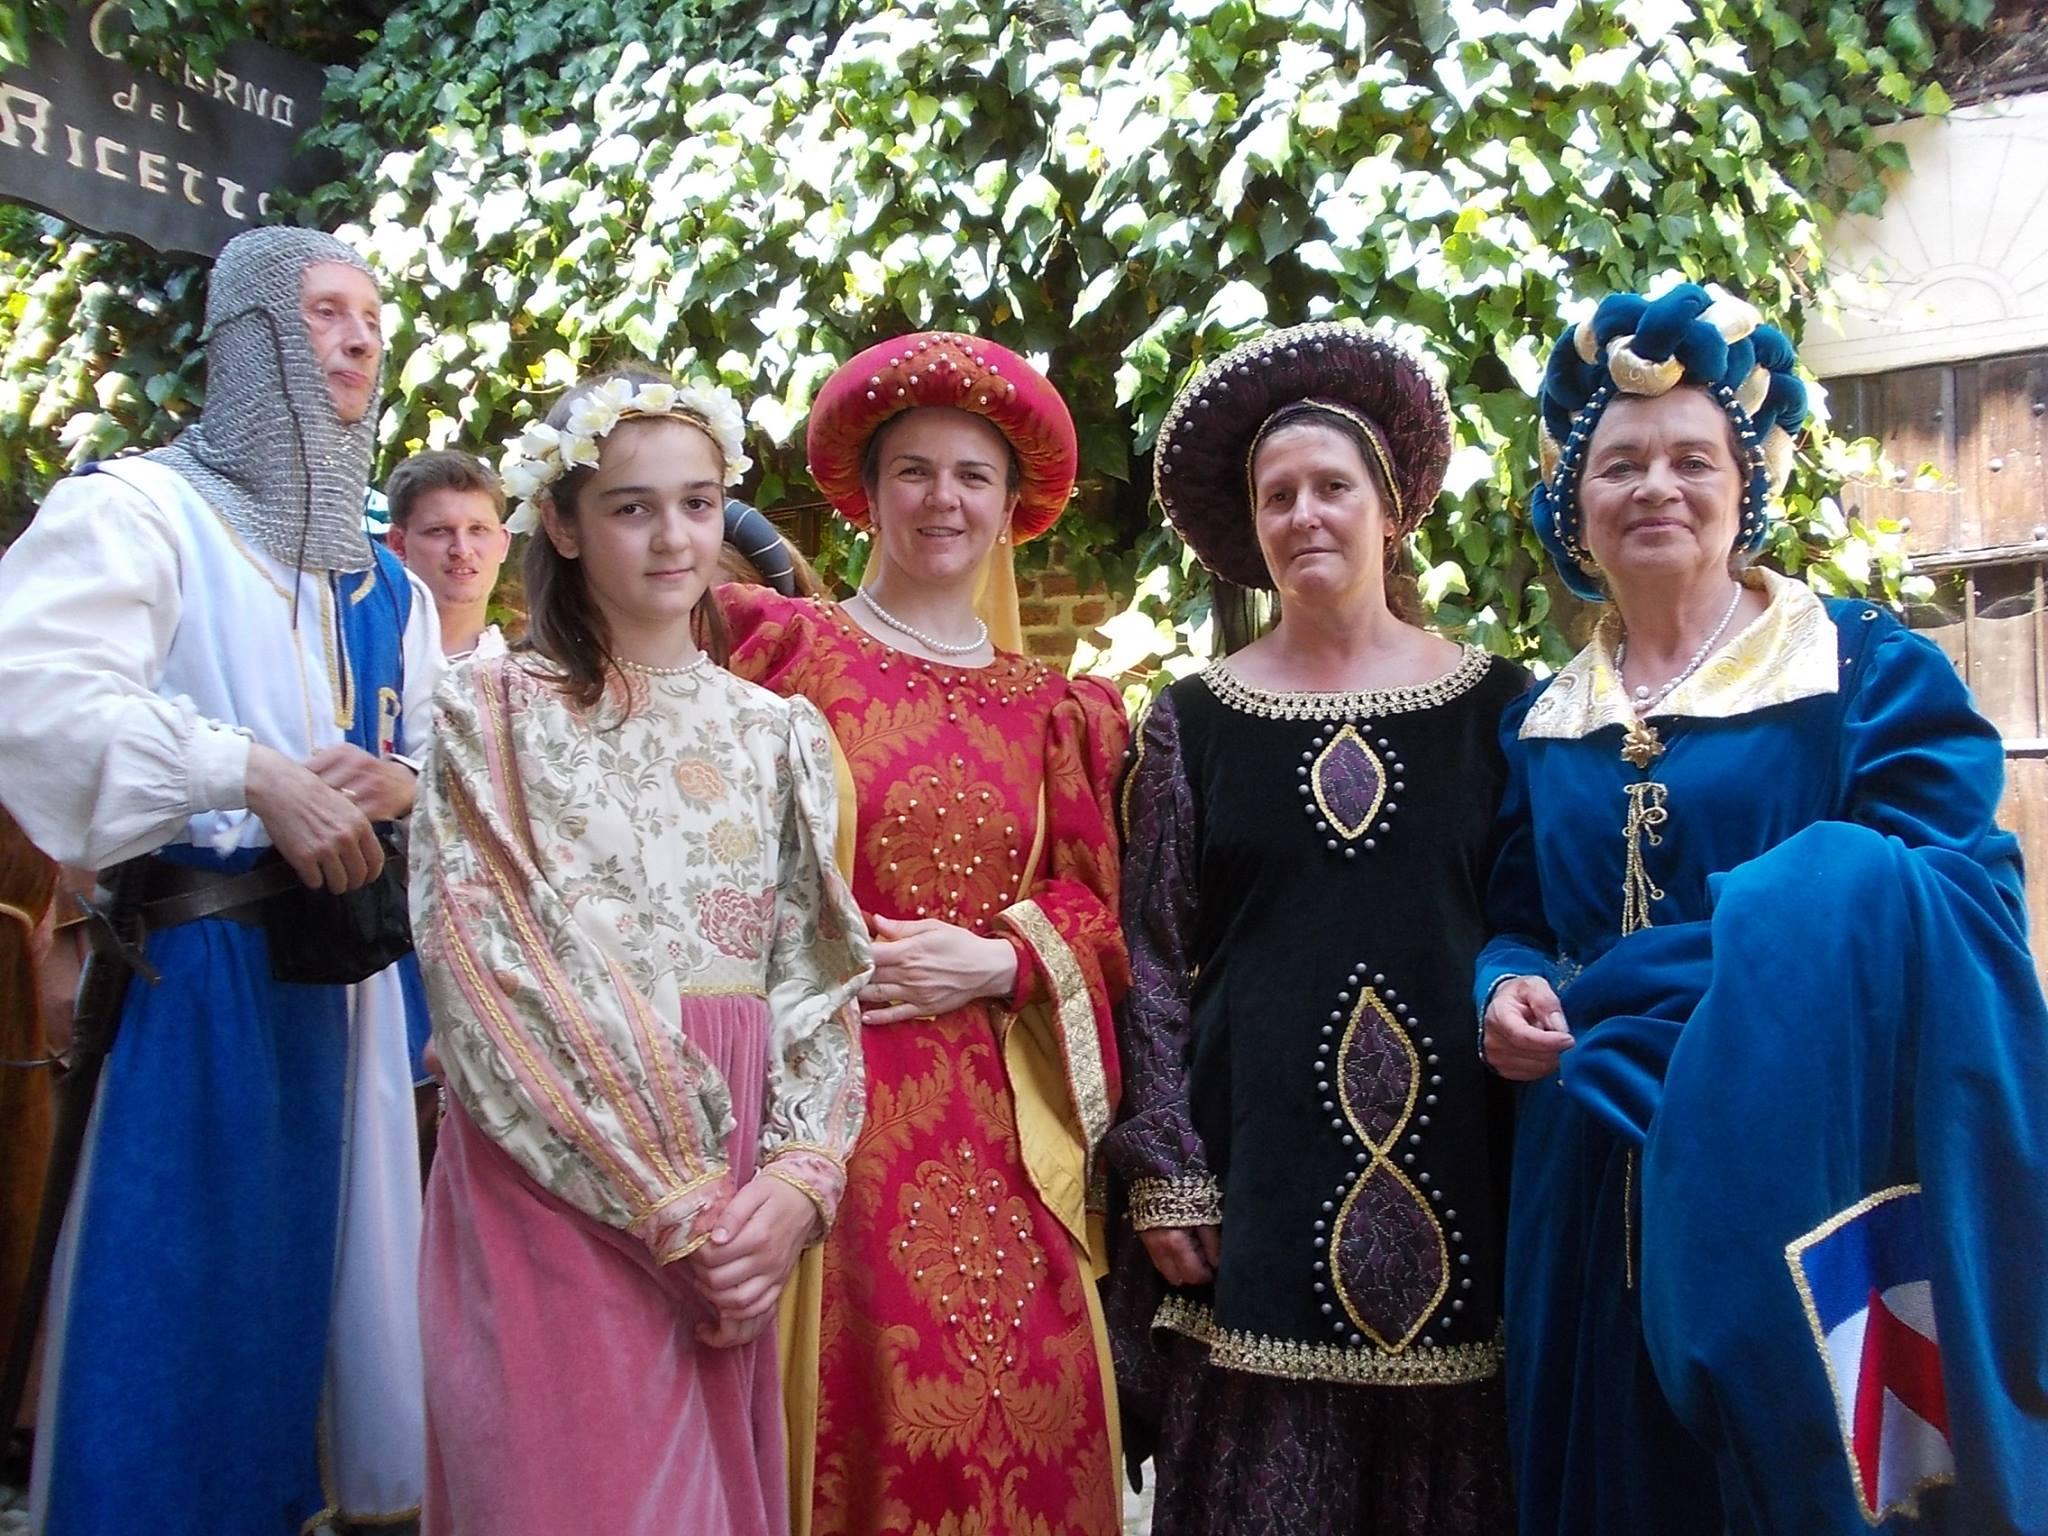 Gruppo storico Saluzzese 2